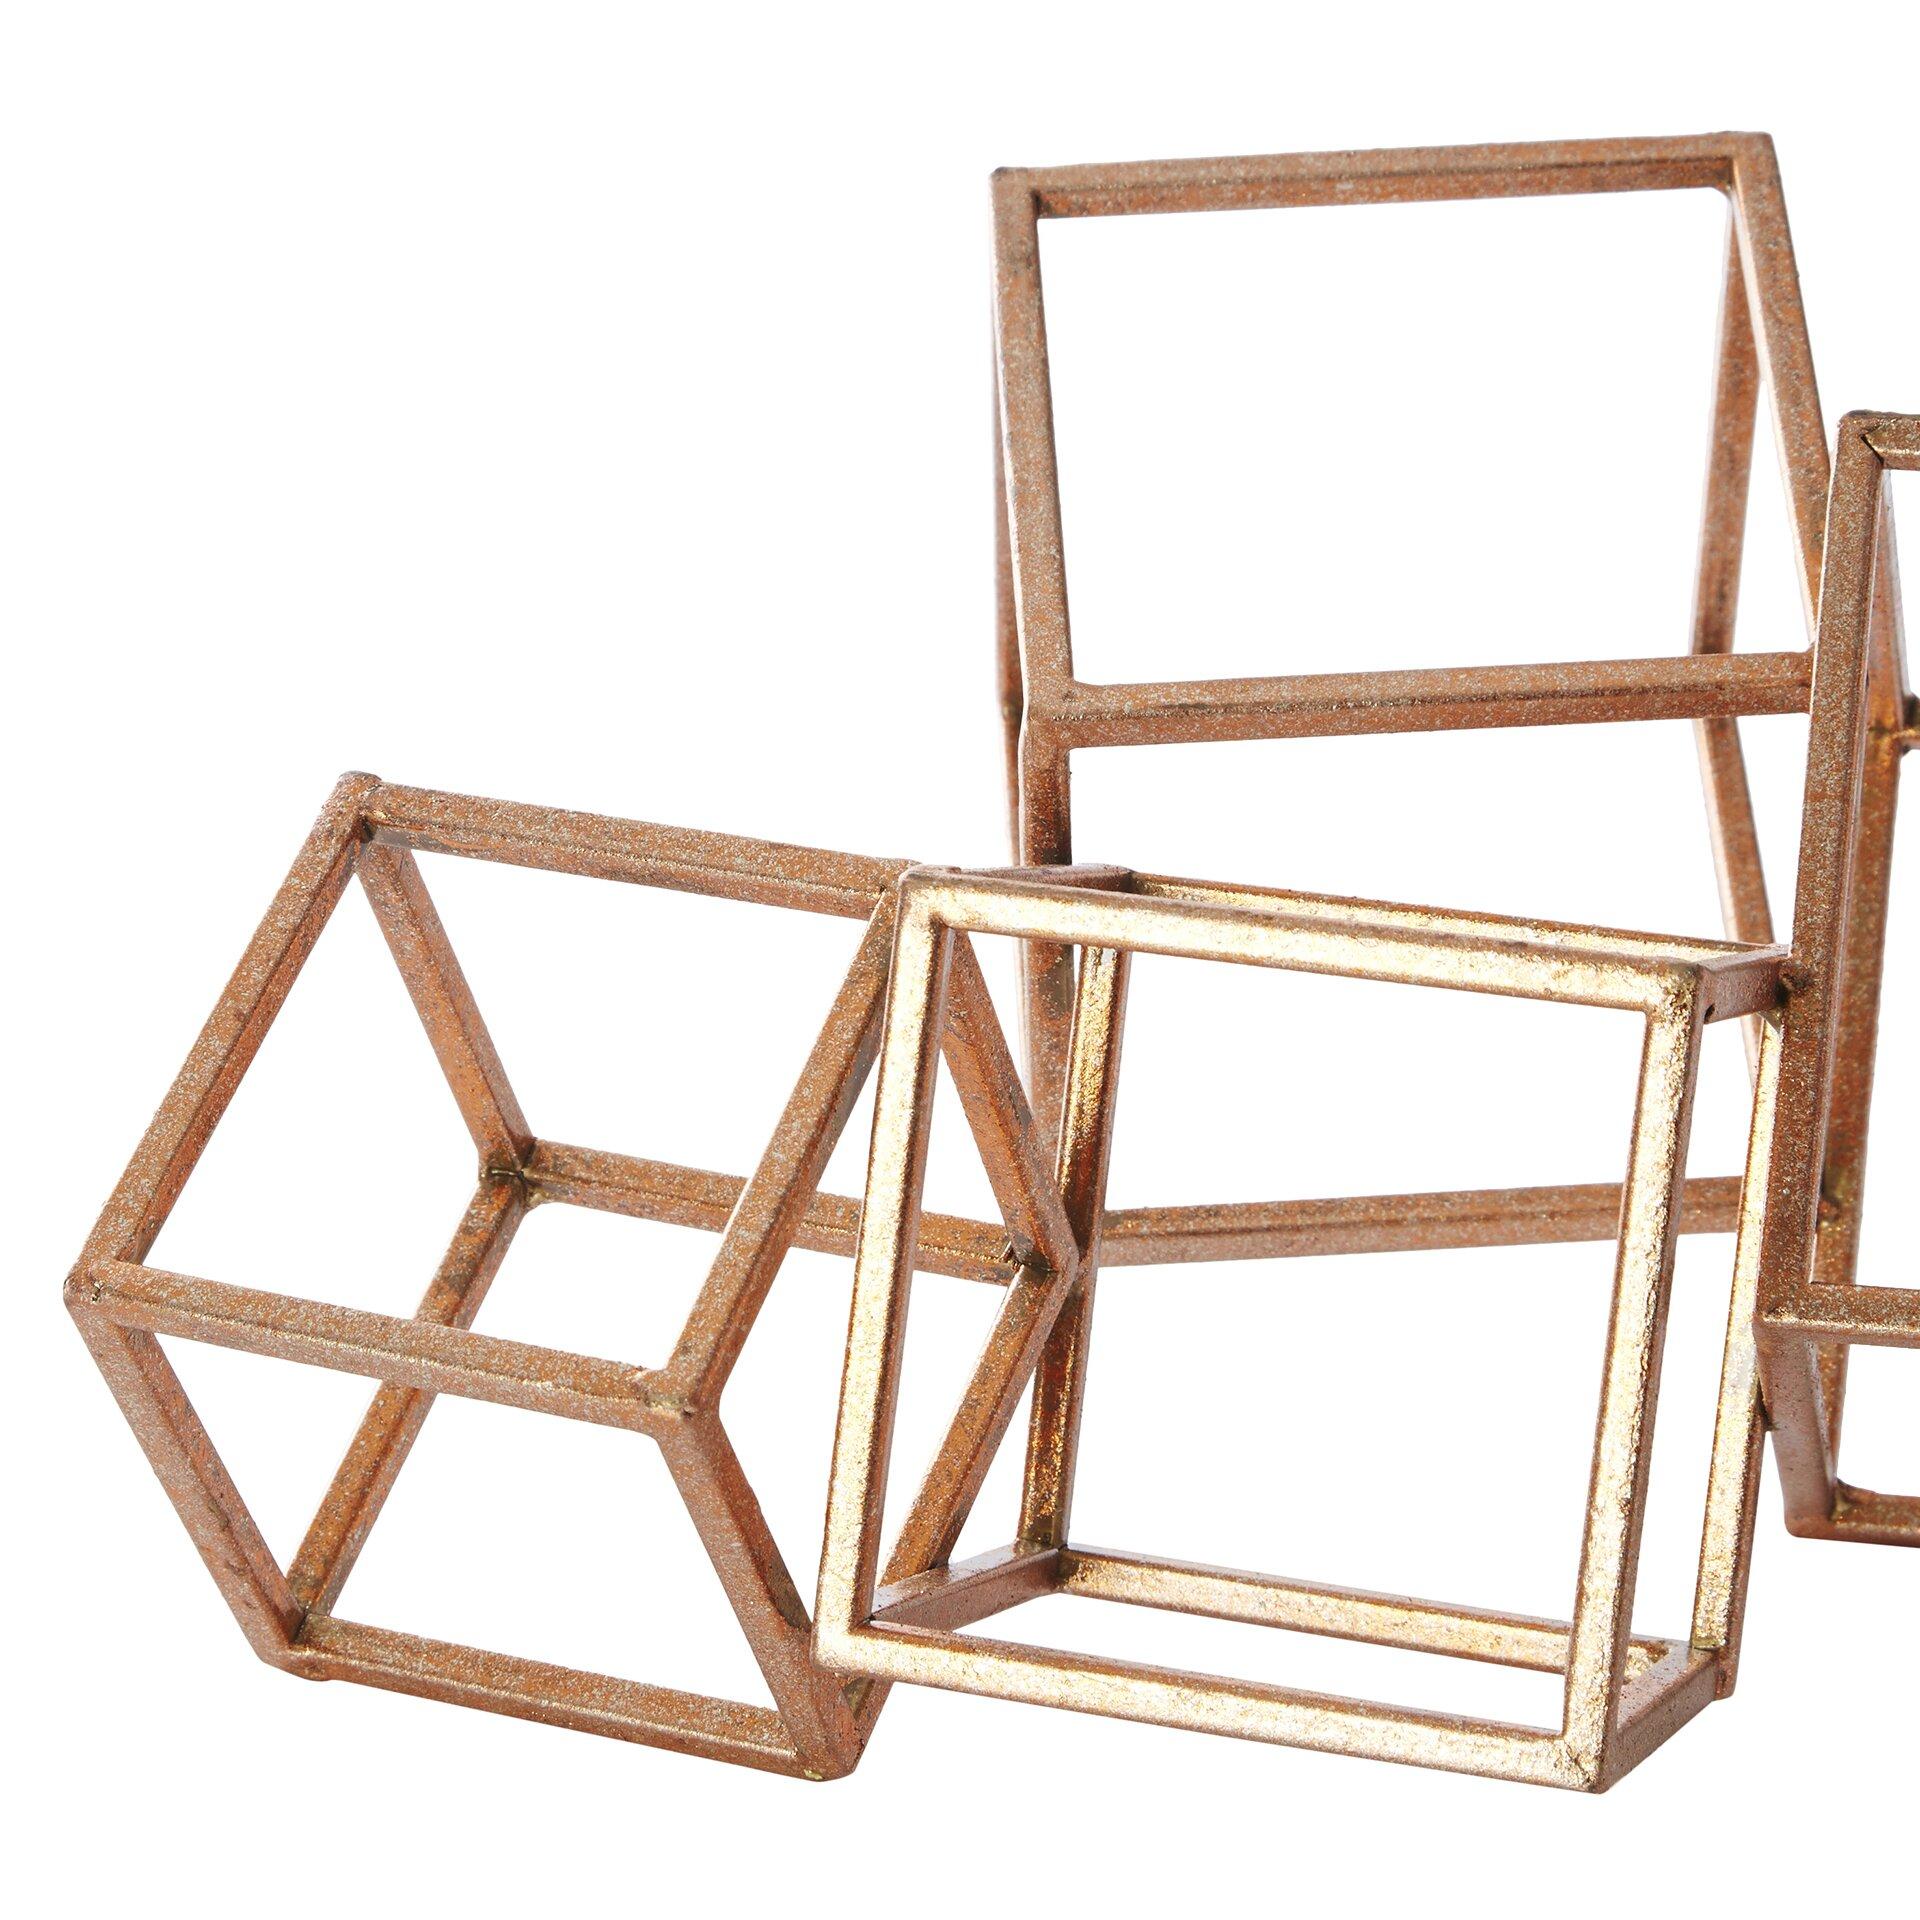 Brayden Studio Gold Metal Cube Table Sculpture & Reviews